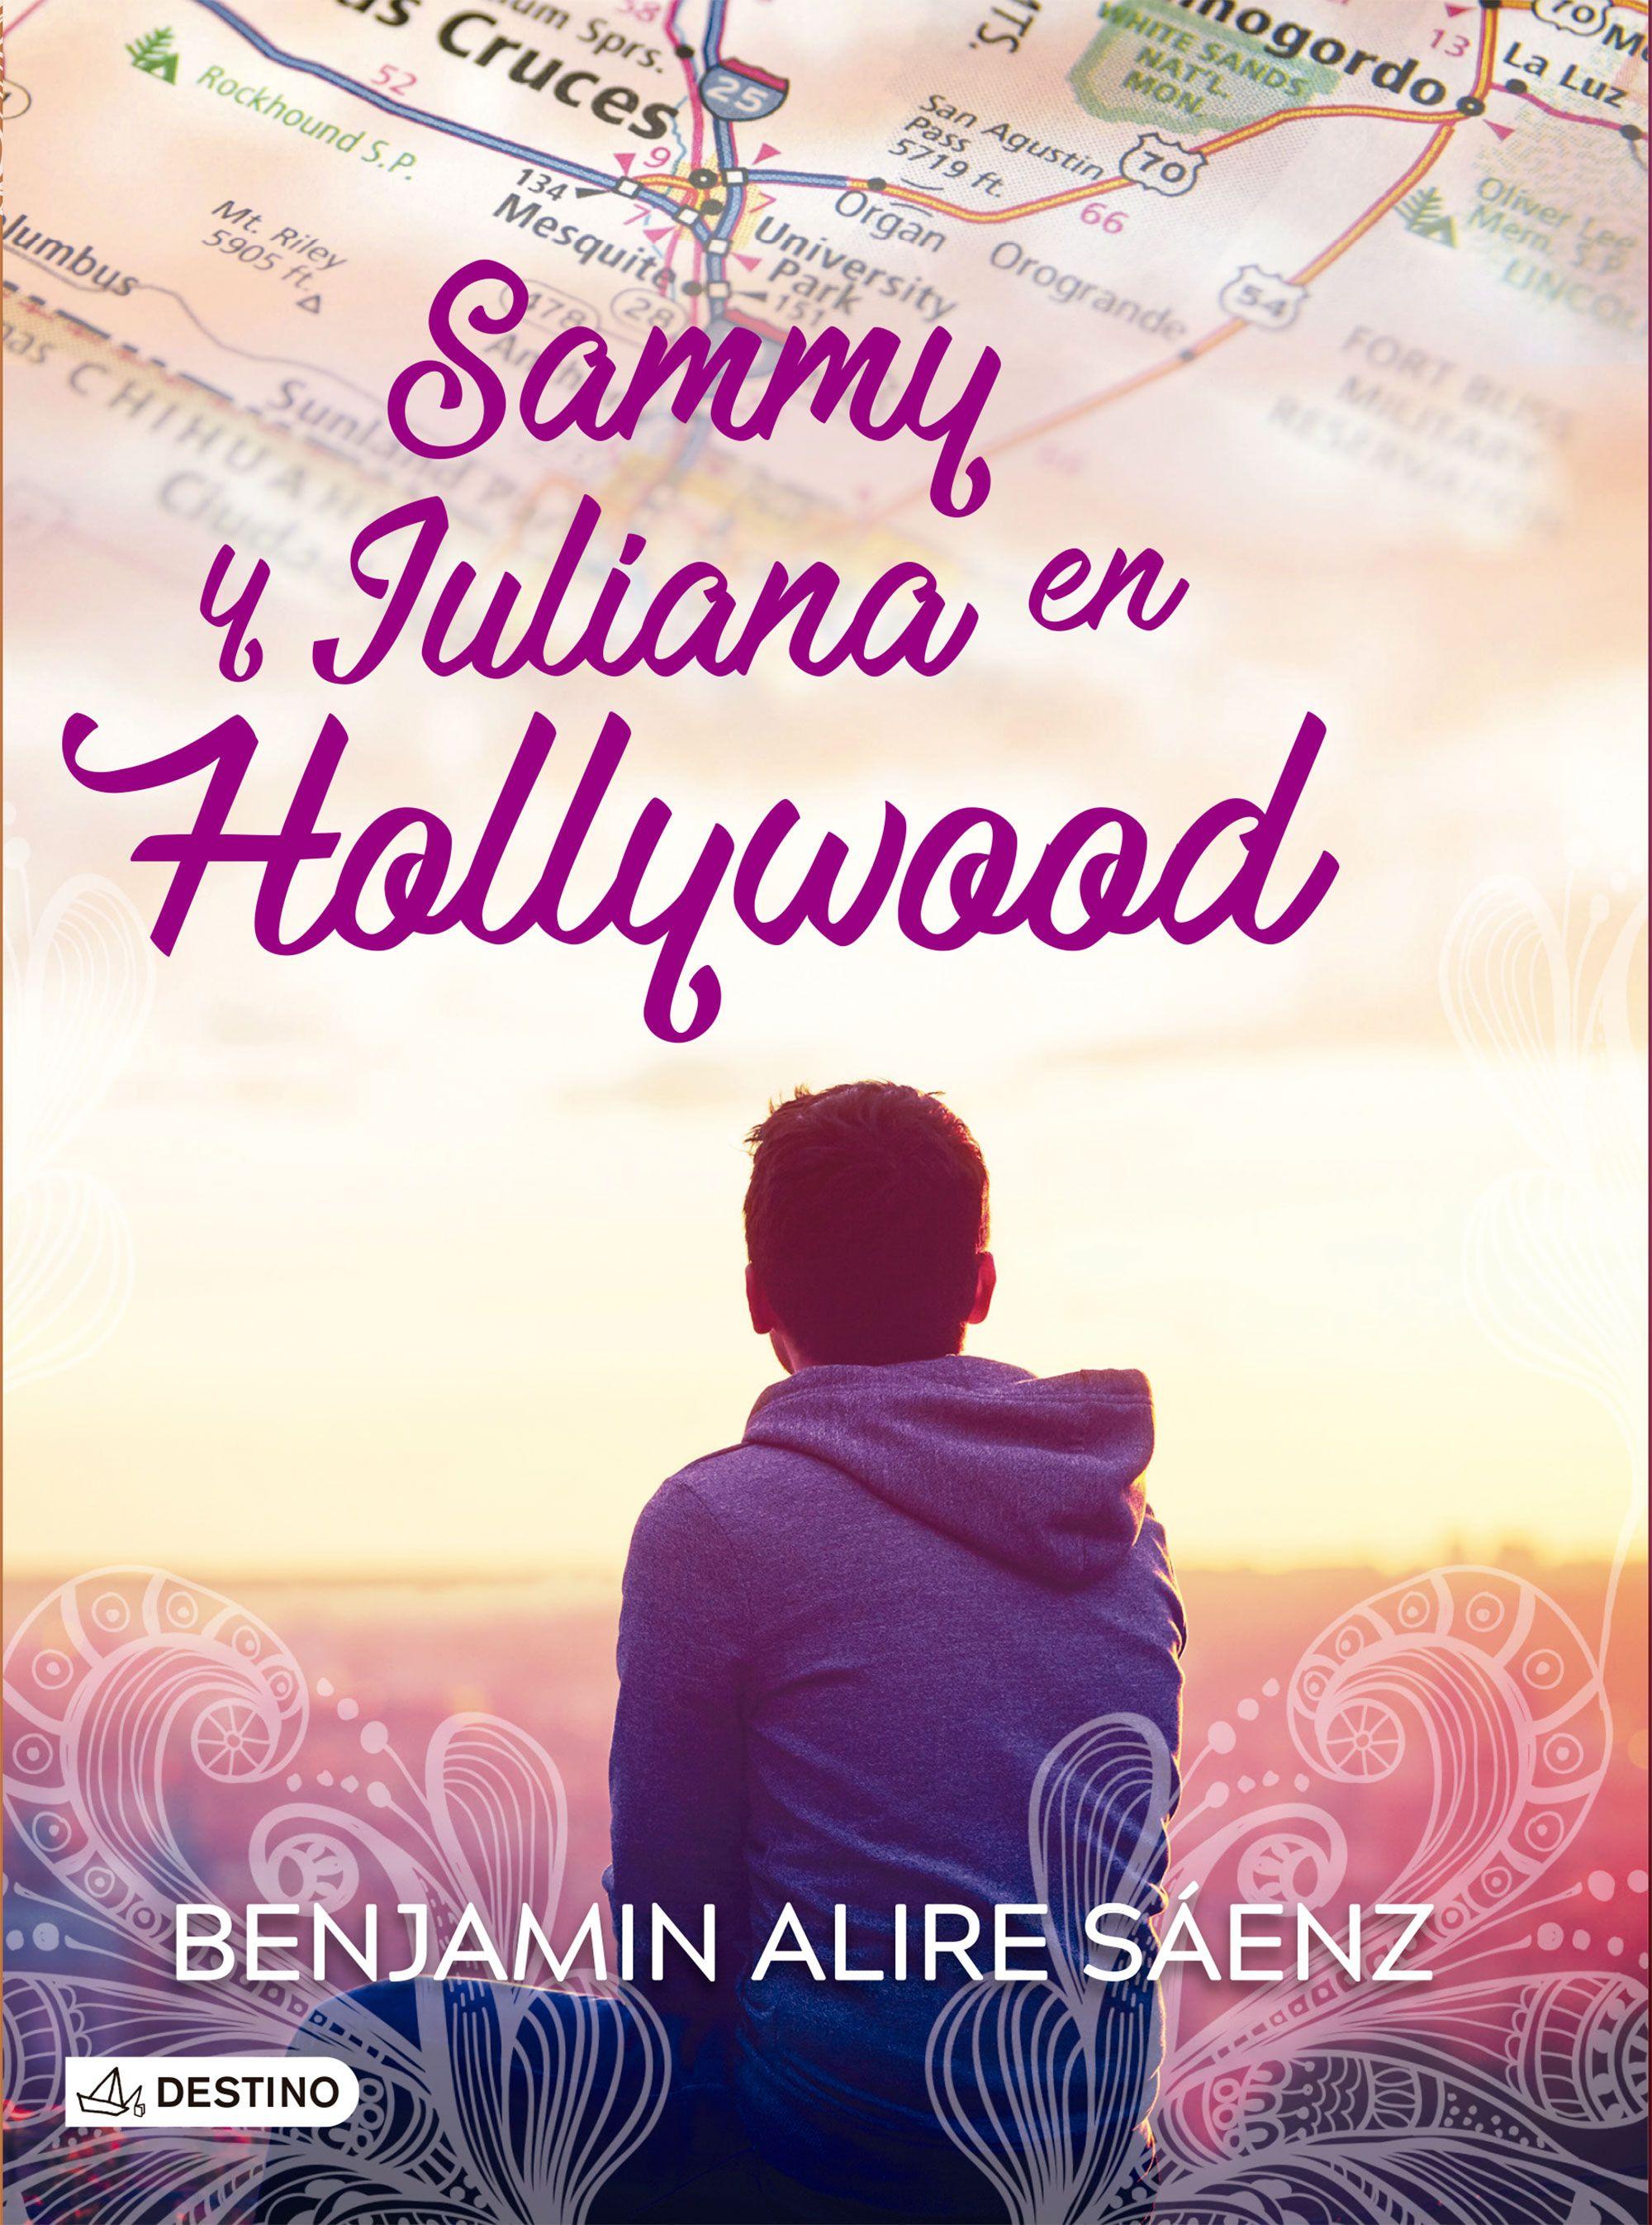 Sammy y Juliana en Hollywood - Benjamin Alire Saenz - Destino